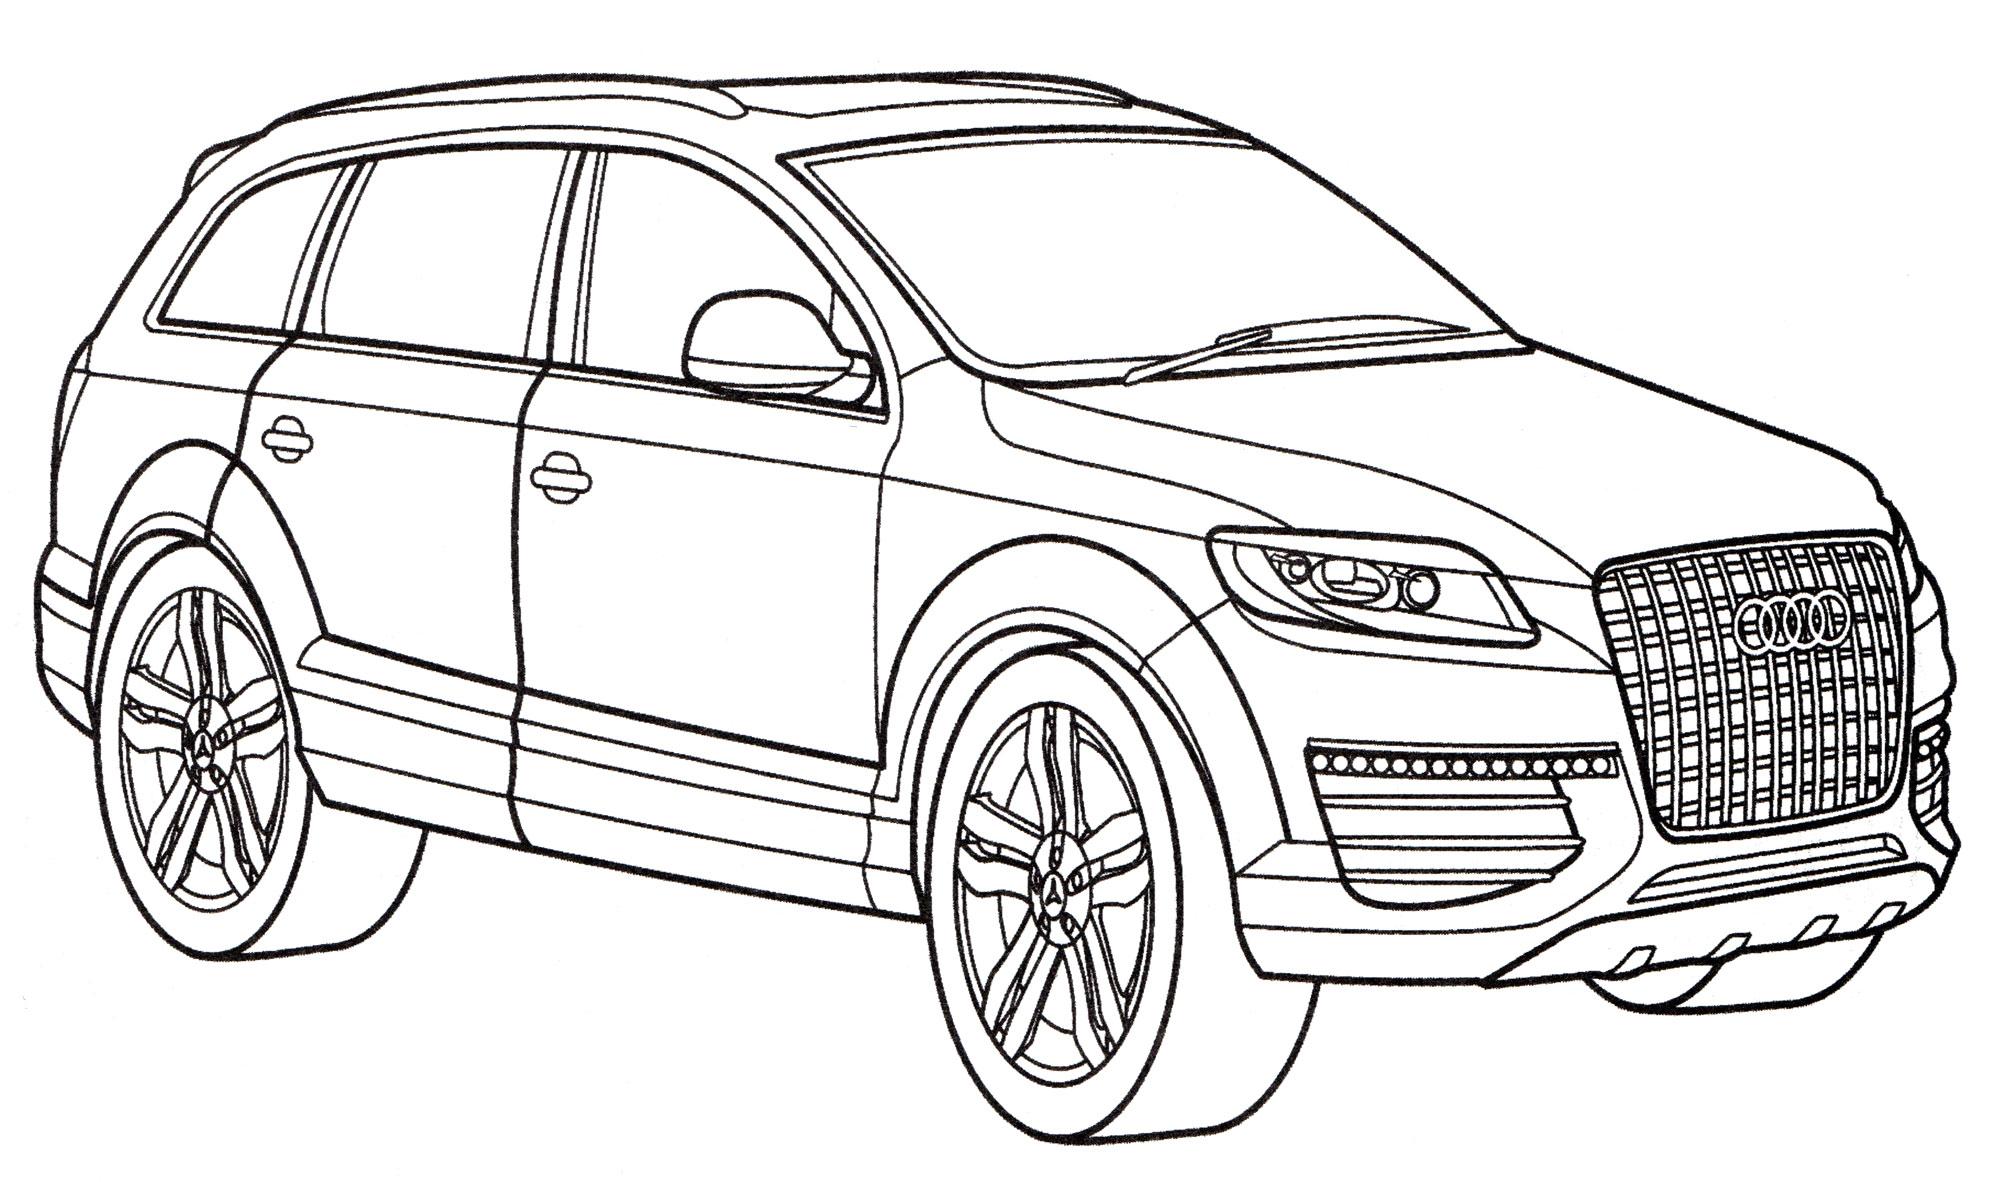 Раскраска Audi Q7 - распечатать бесплатно